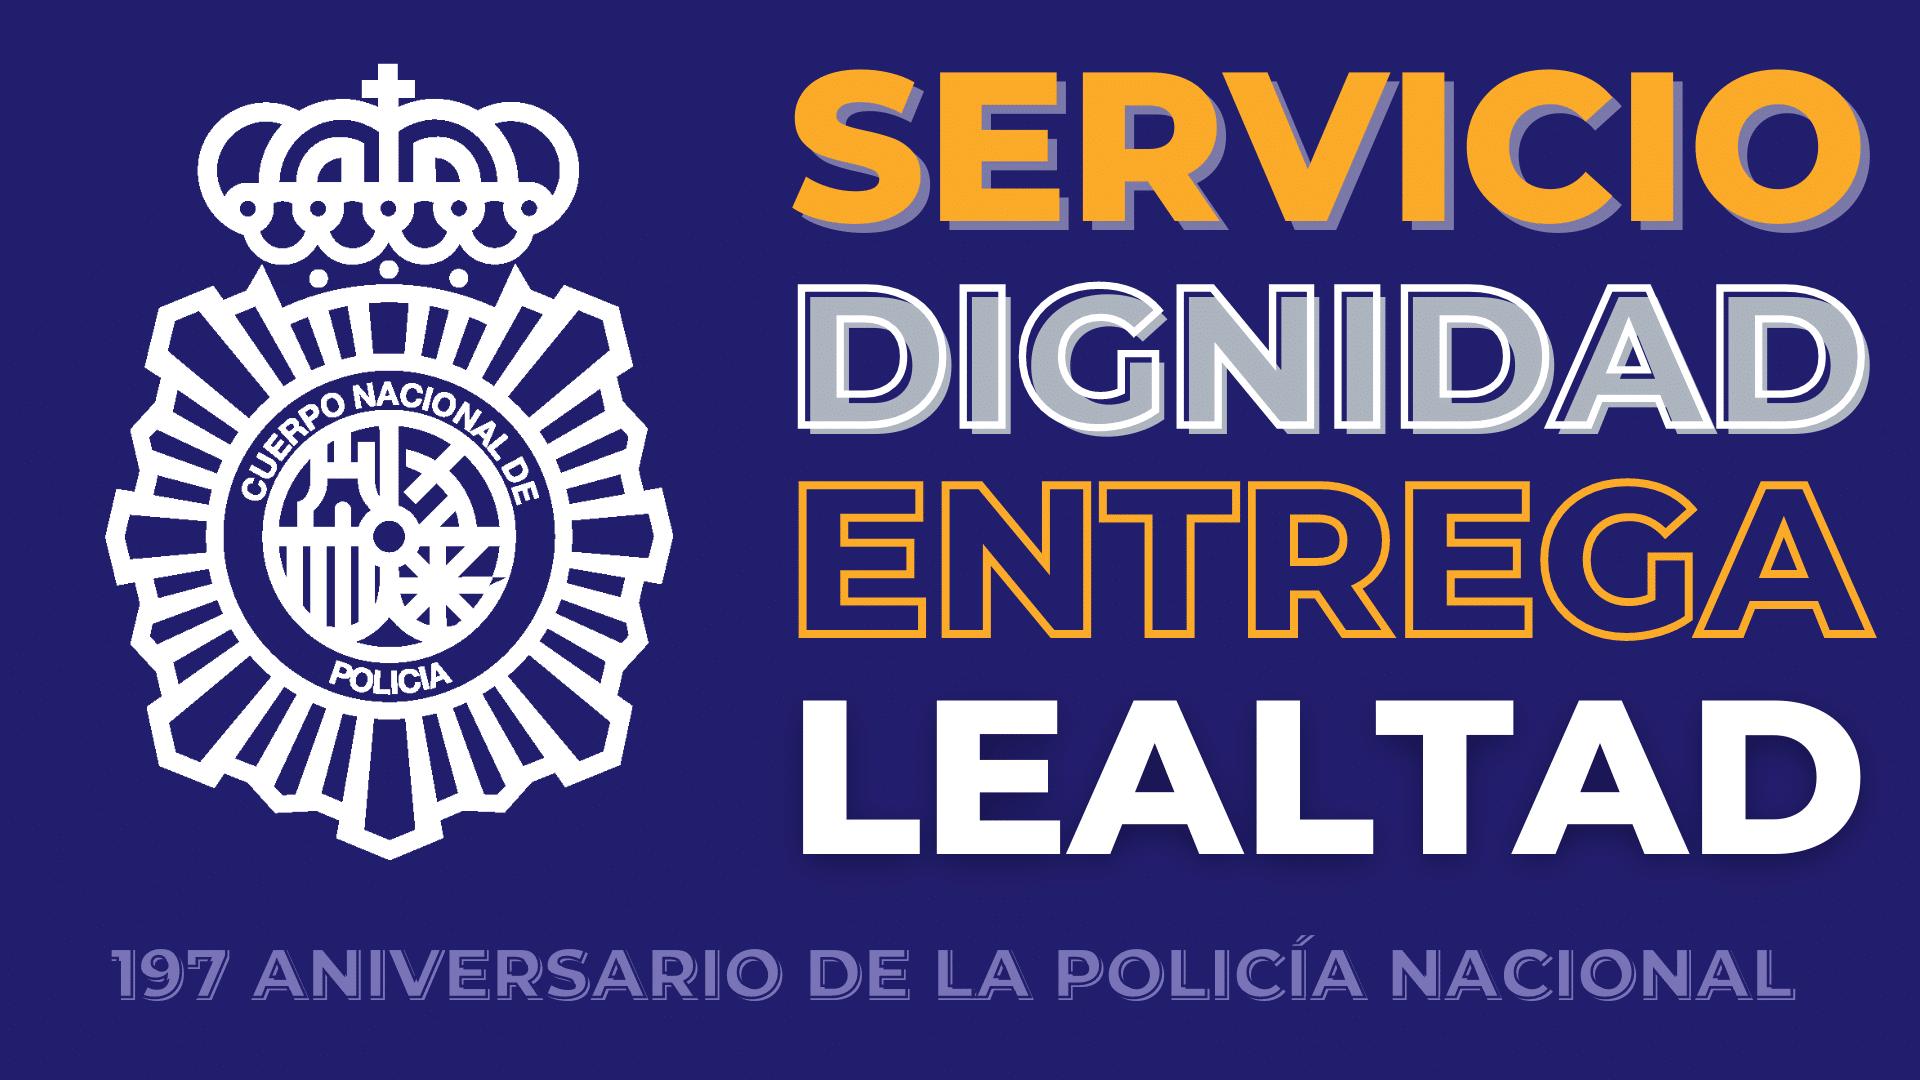 La Policía Nacional celebra 197 años de historia, servicio público y vocación por ayudar a los demás